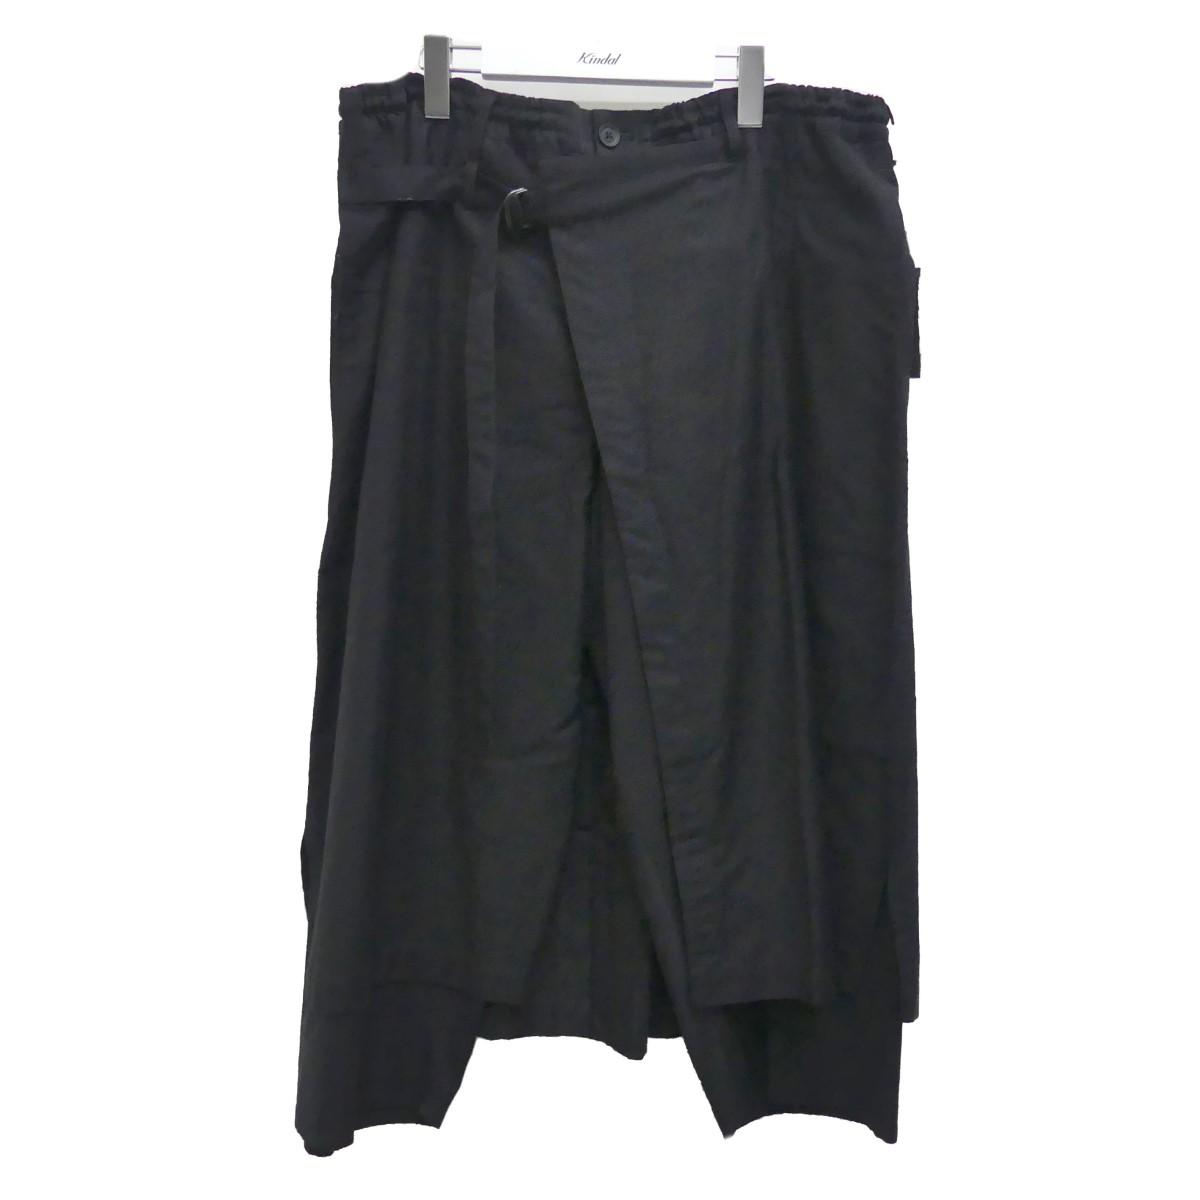 【中古】YOHJI YAMAMOTO pour homme 20SS コットンツイル ラップパンツ ブラック サイズ:3 【020920】(ヨウジヤマモトプールオム)